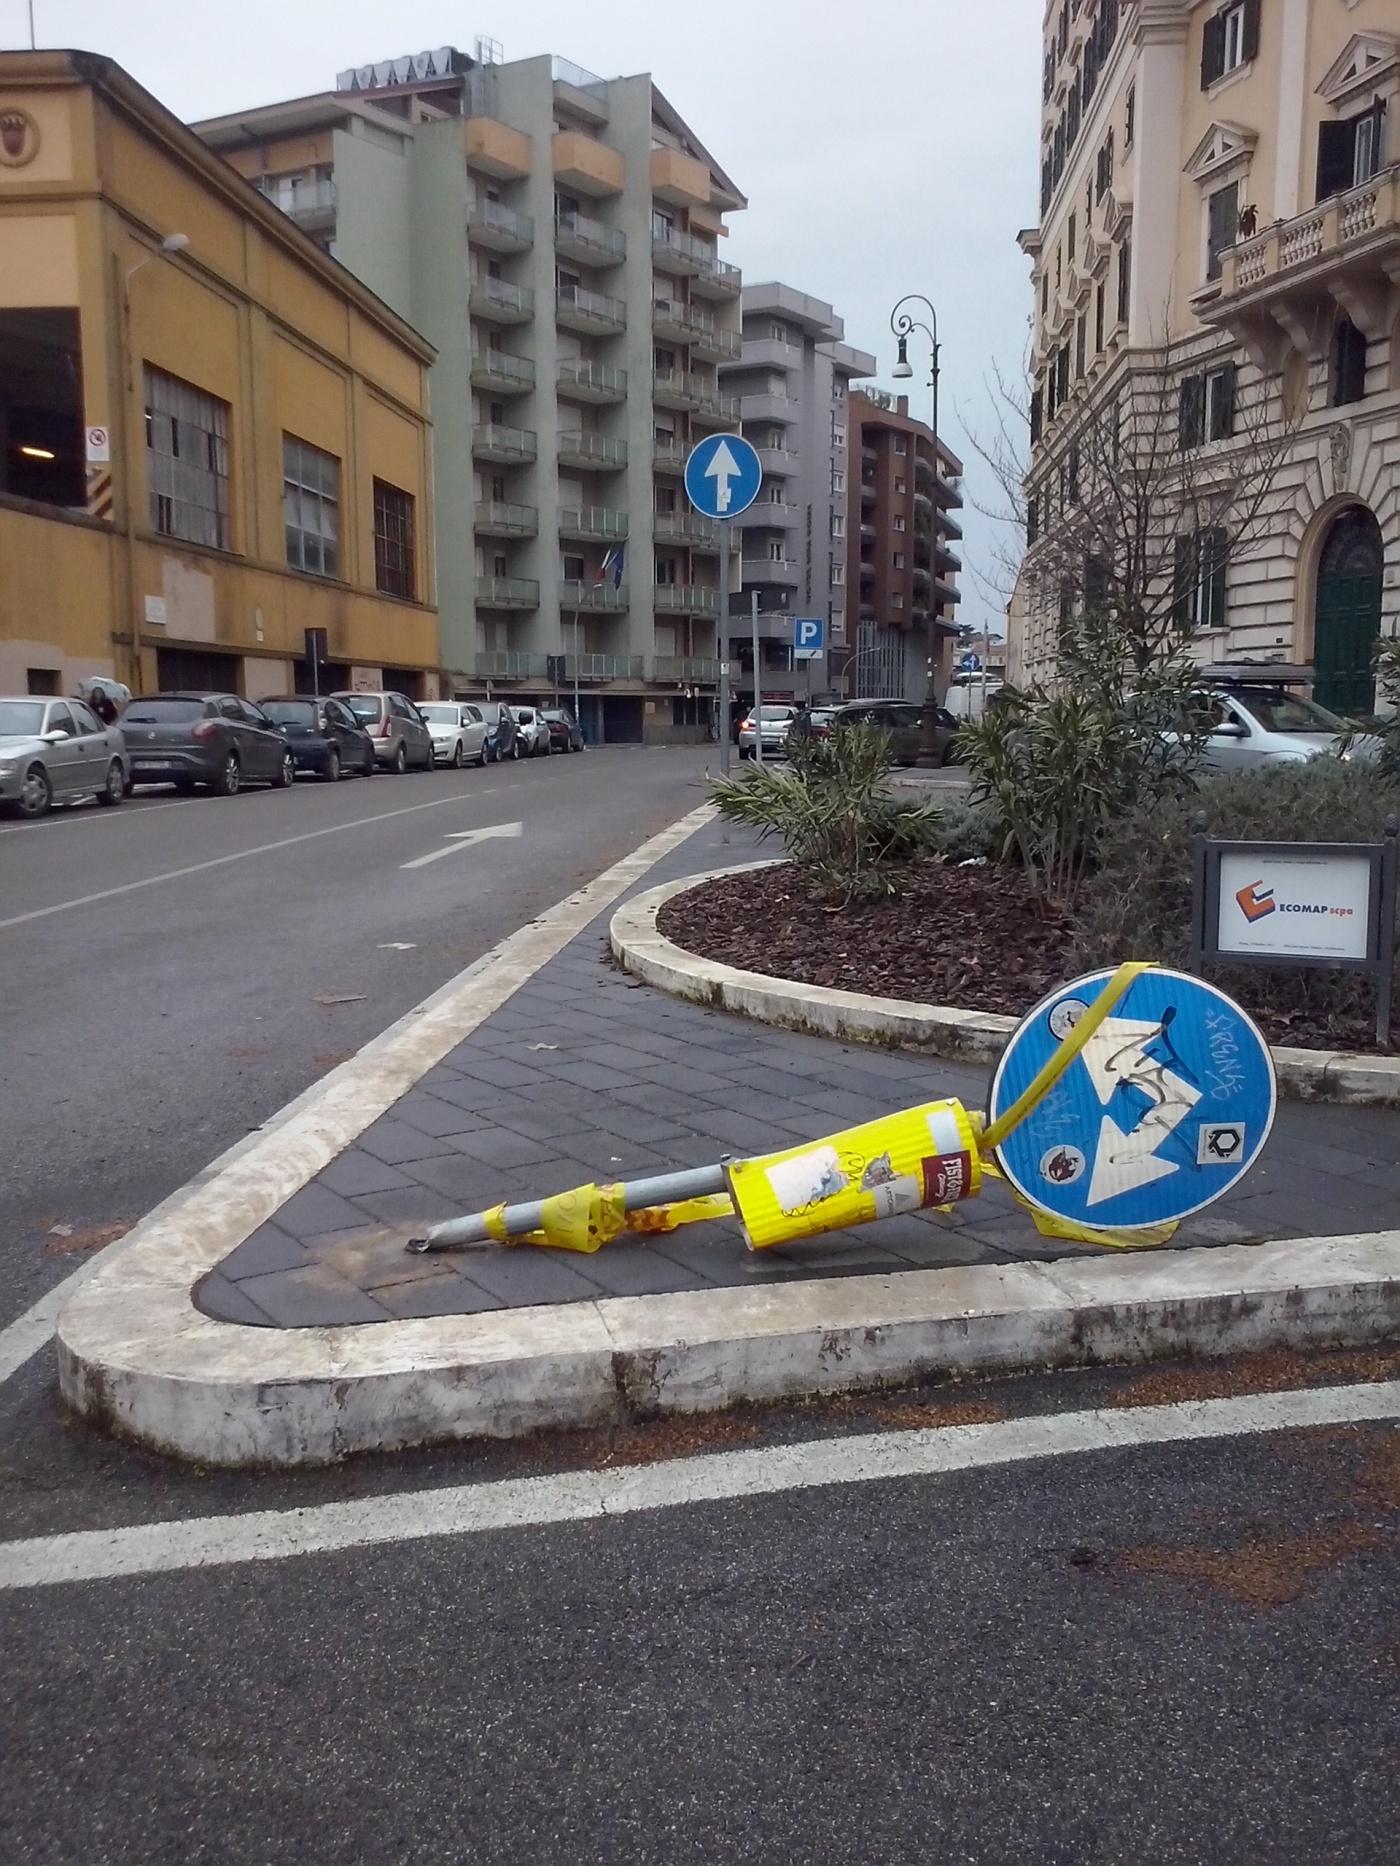 Autorijden in Rome? Houd rekening met omgevallen verkeersborden.